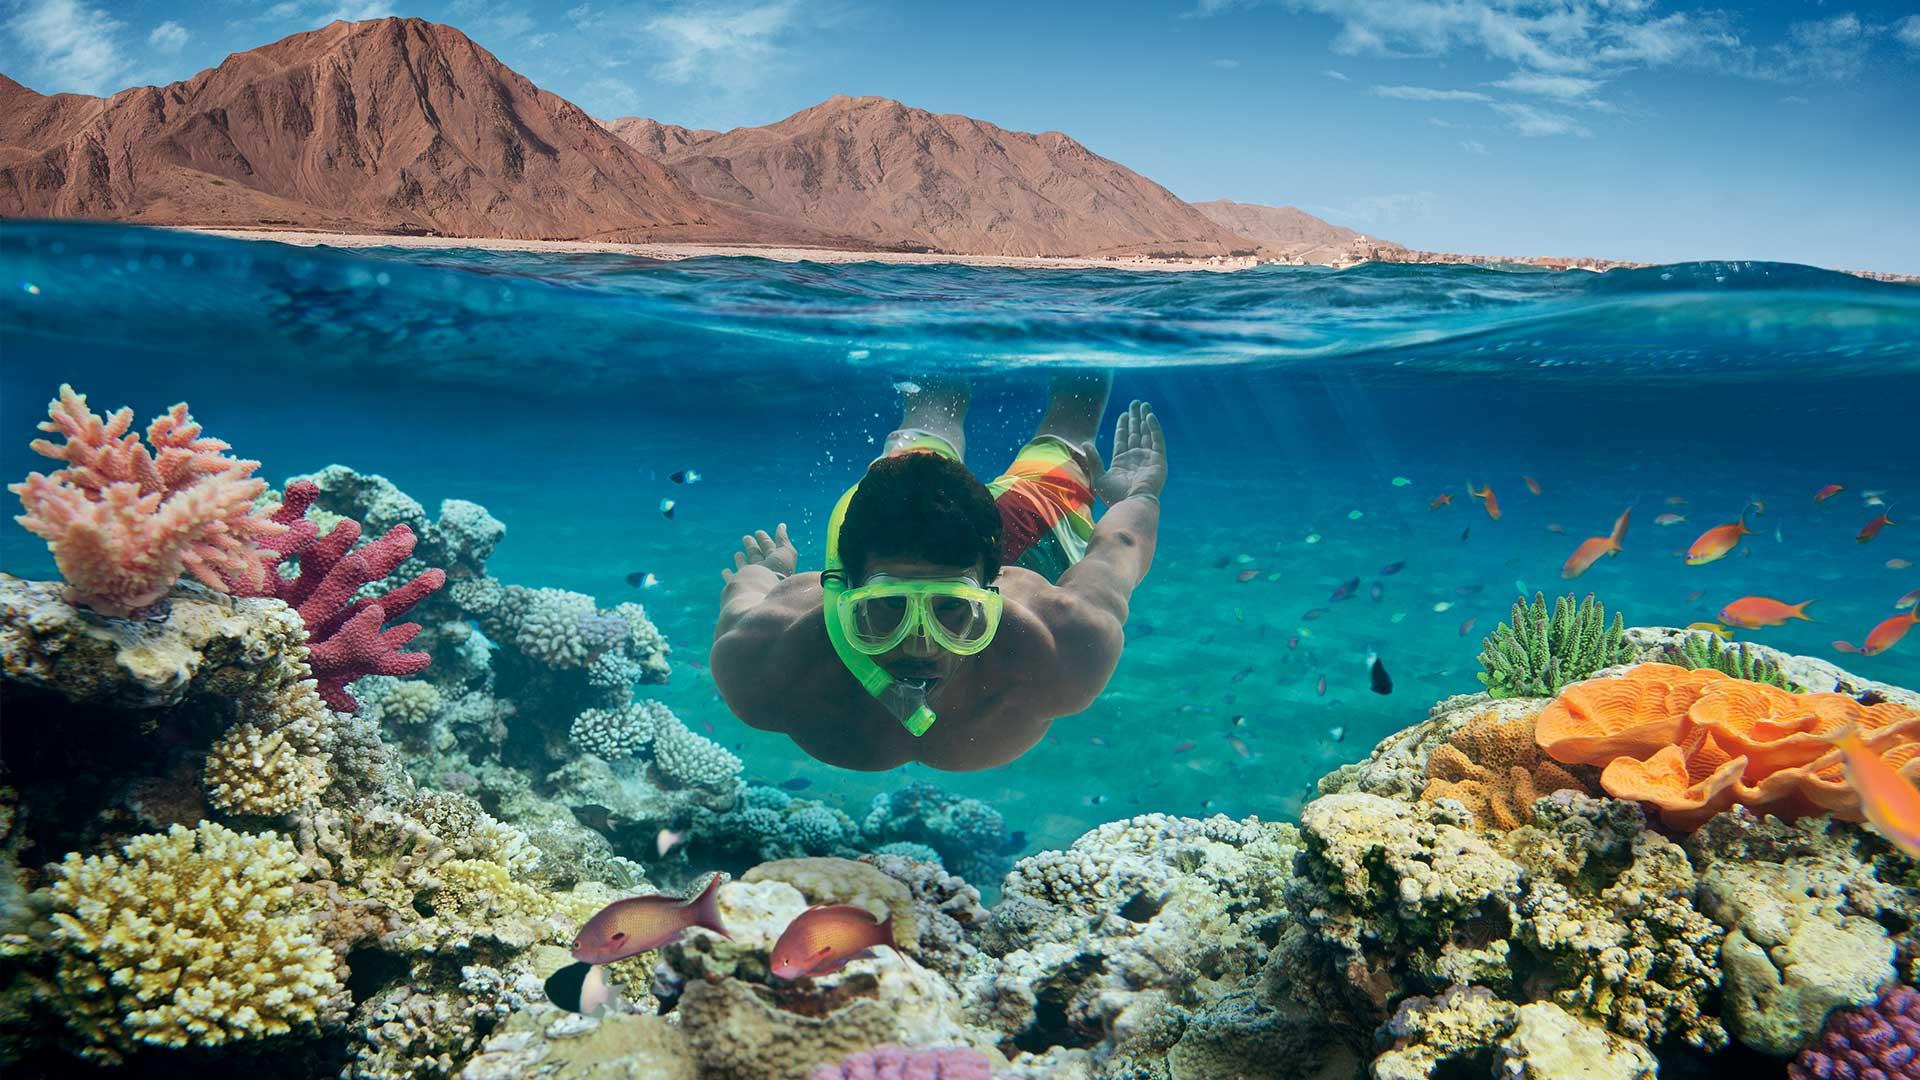 رويترز: إيرادات مصر من السياحة تقفز 212% في 9 أشهر.. وأعداد السياح تزيد بنسبة 55%